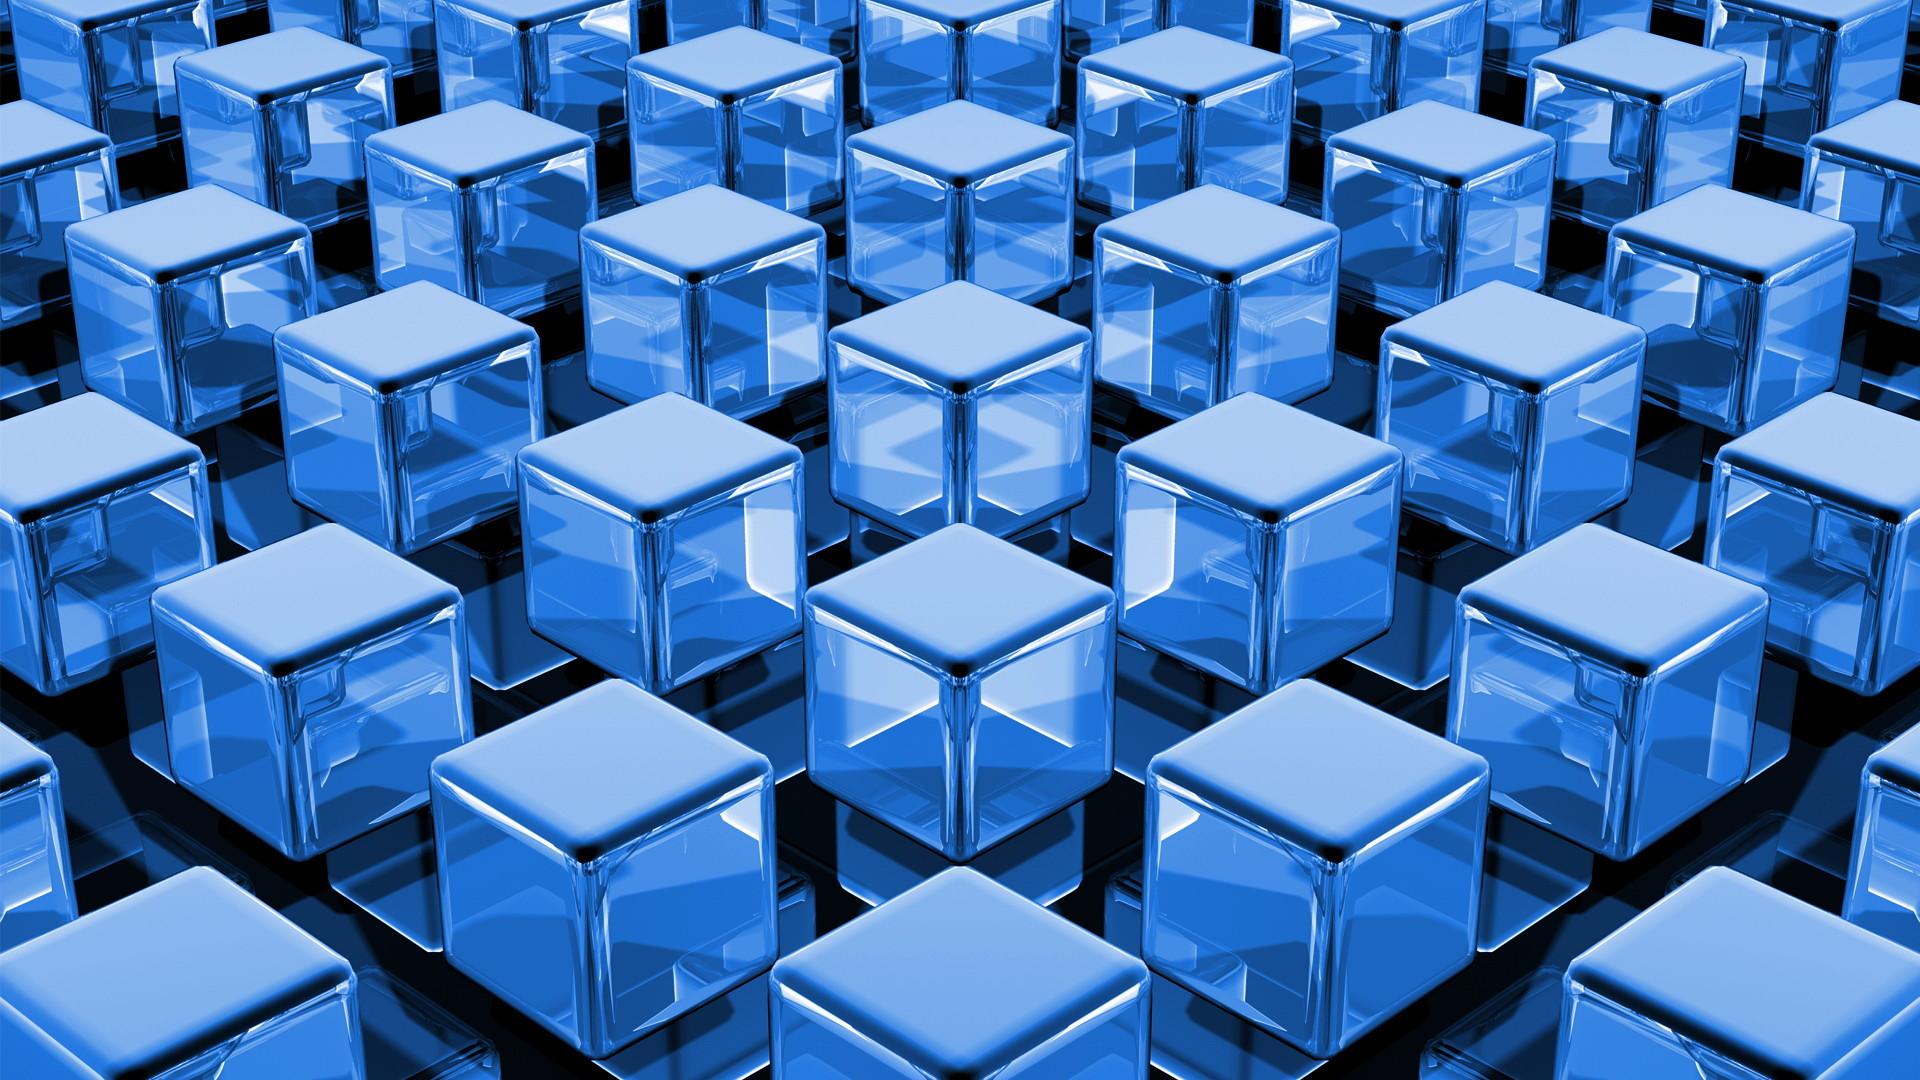 прозрачный кубик  № 2465586 бесплатно